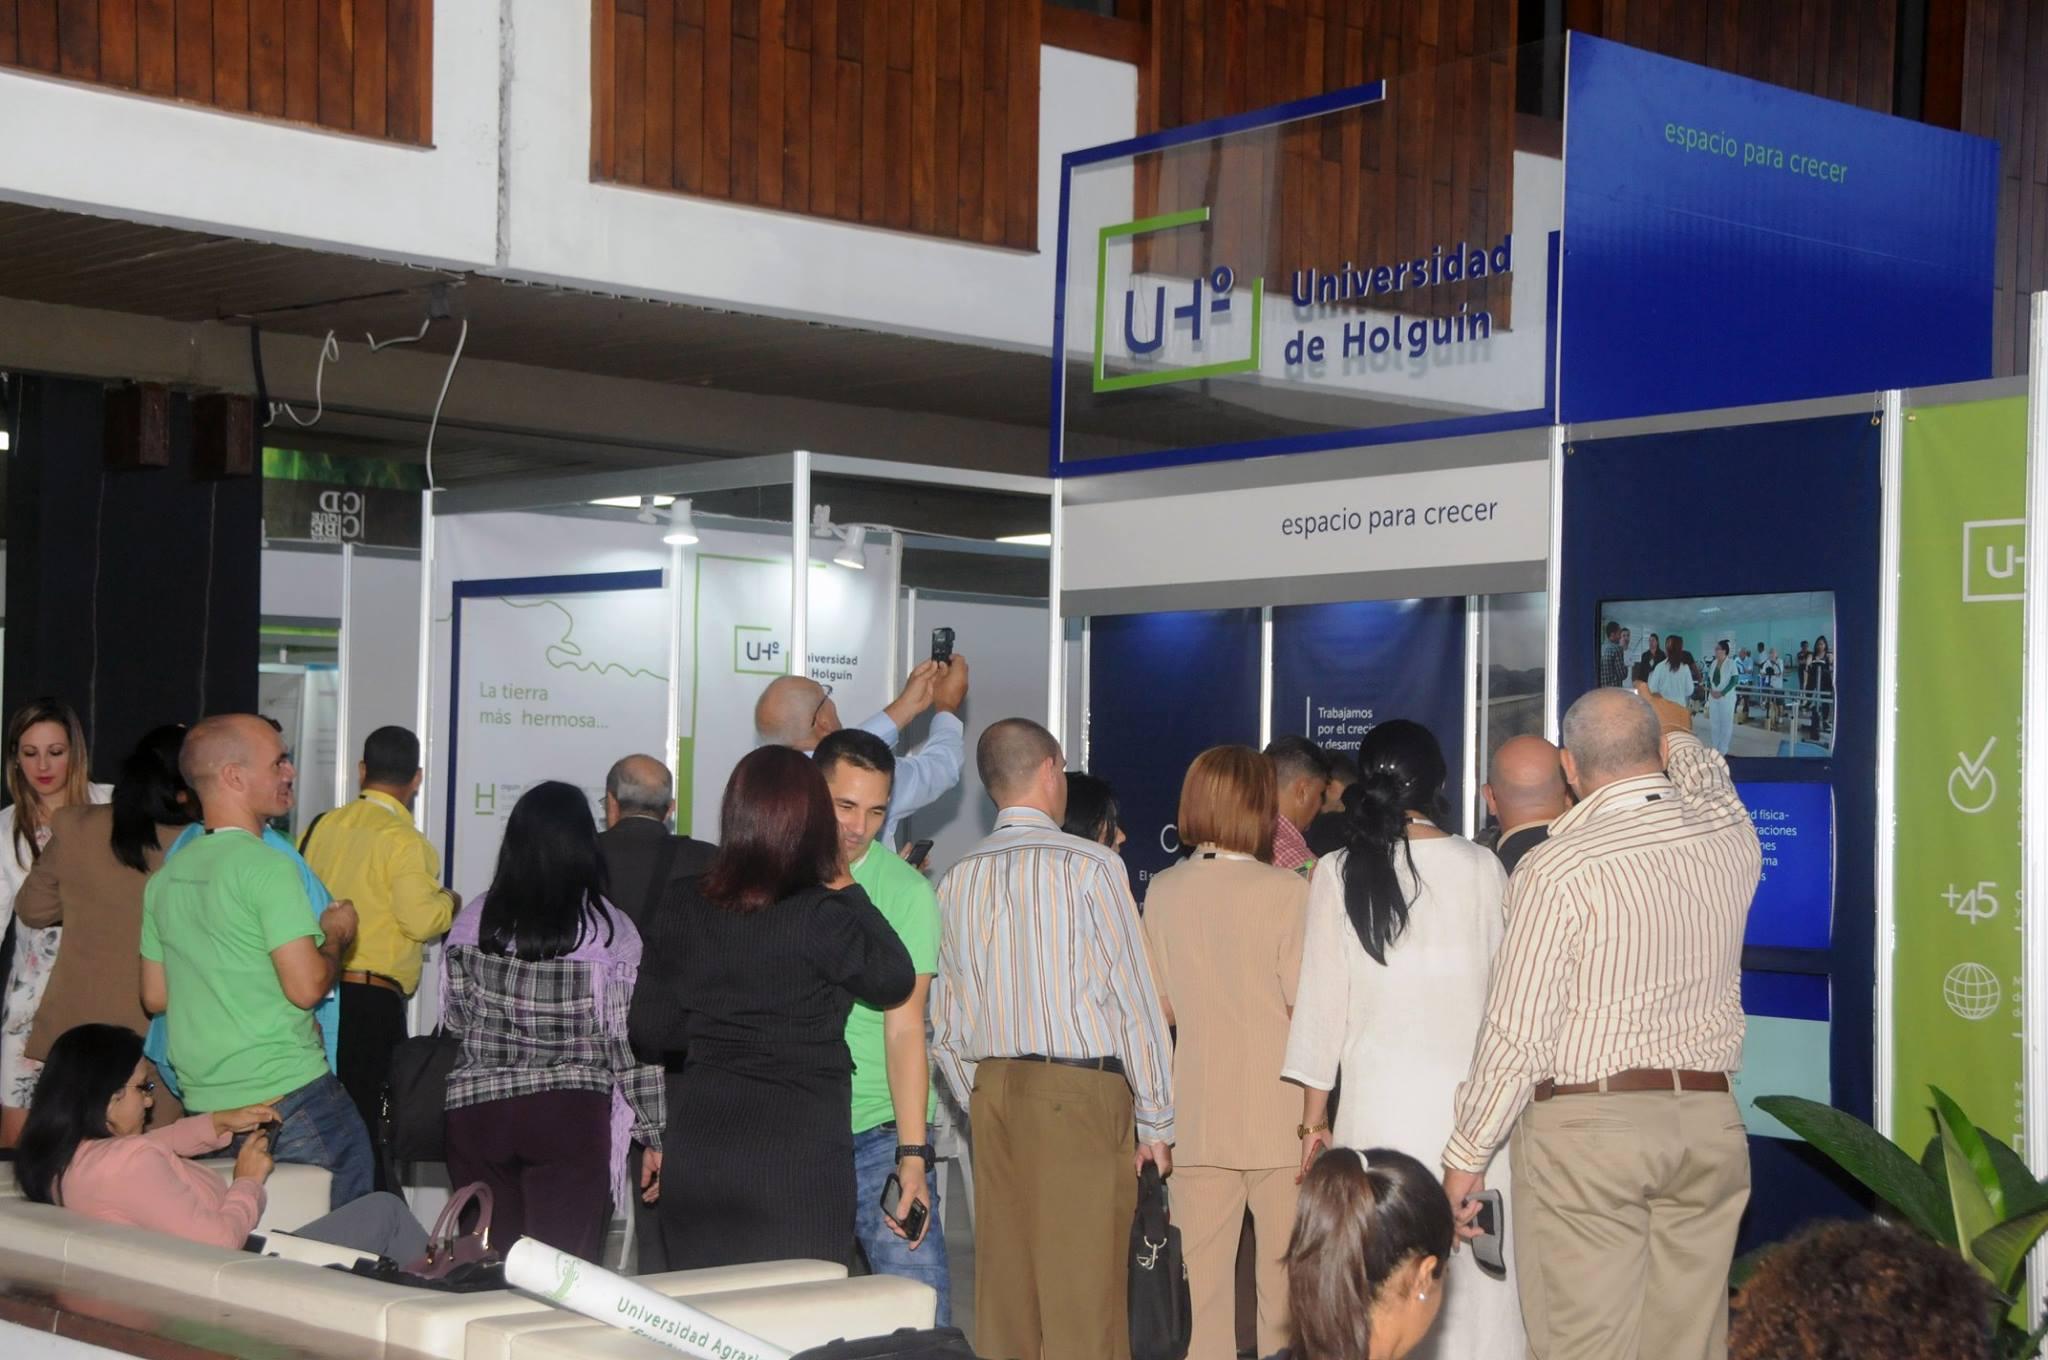 El stand de la Universidad de Holguín ha sido visitado por varios delegados al Congreso Universidad 2018. Foto: Vladimir Molina/PL.